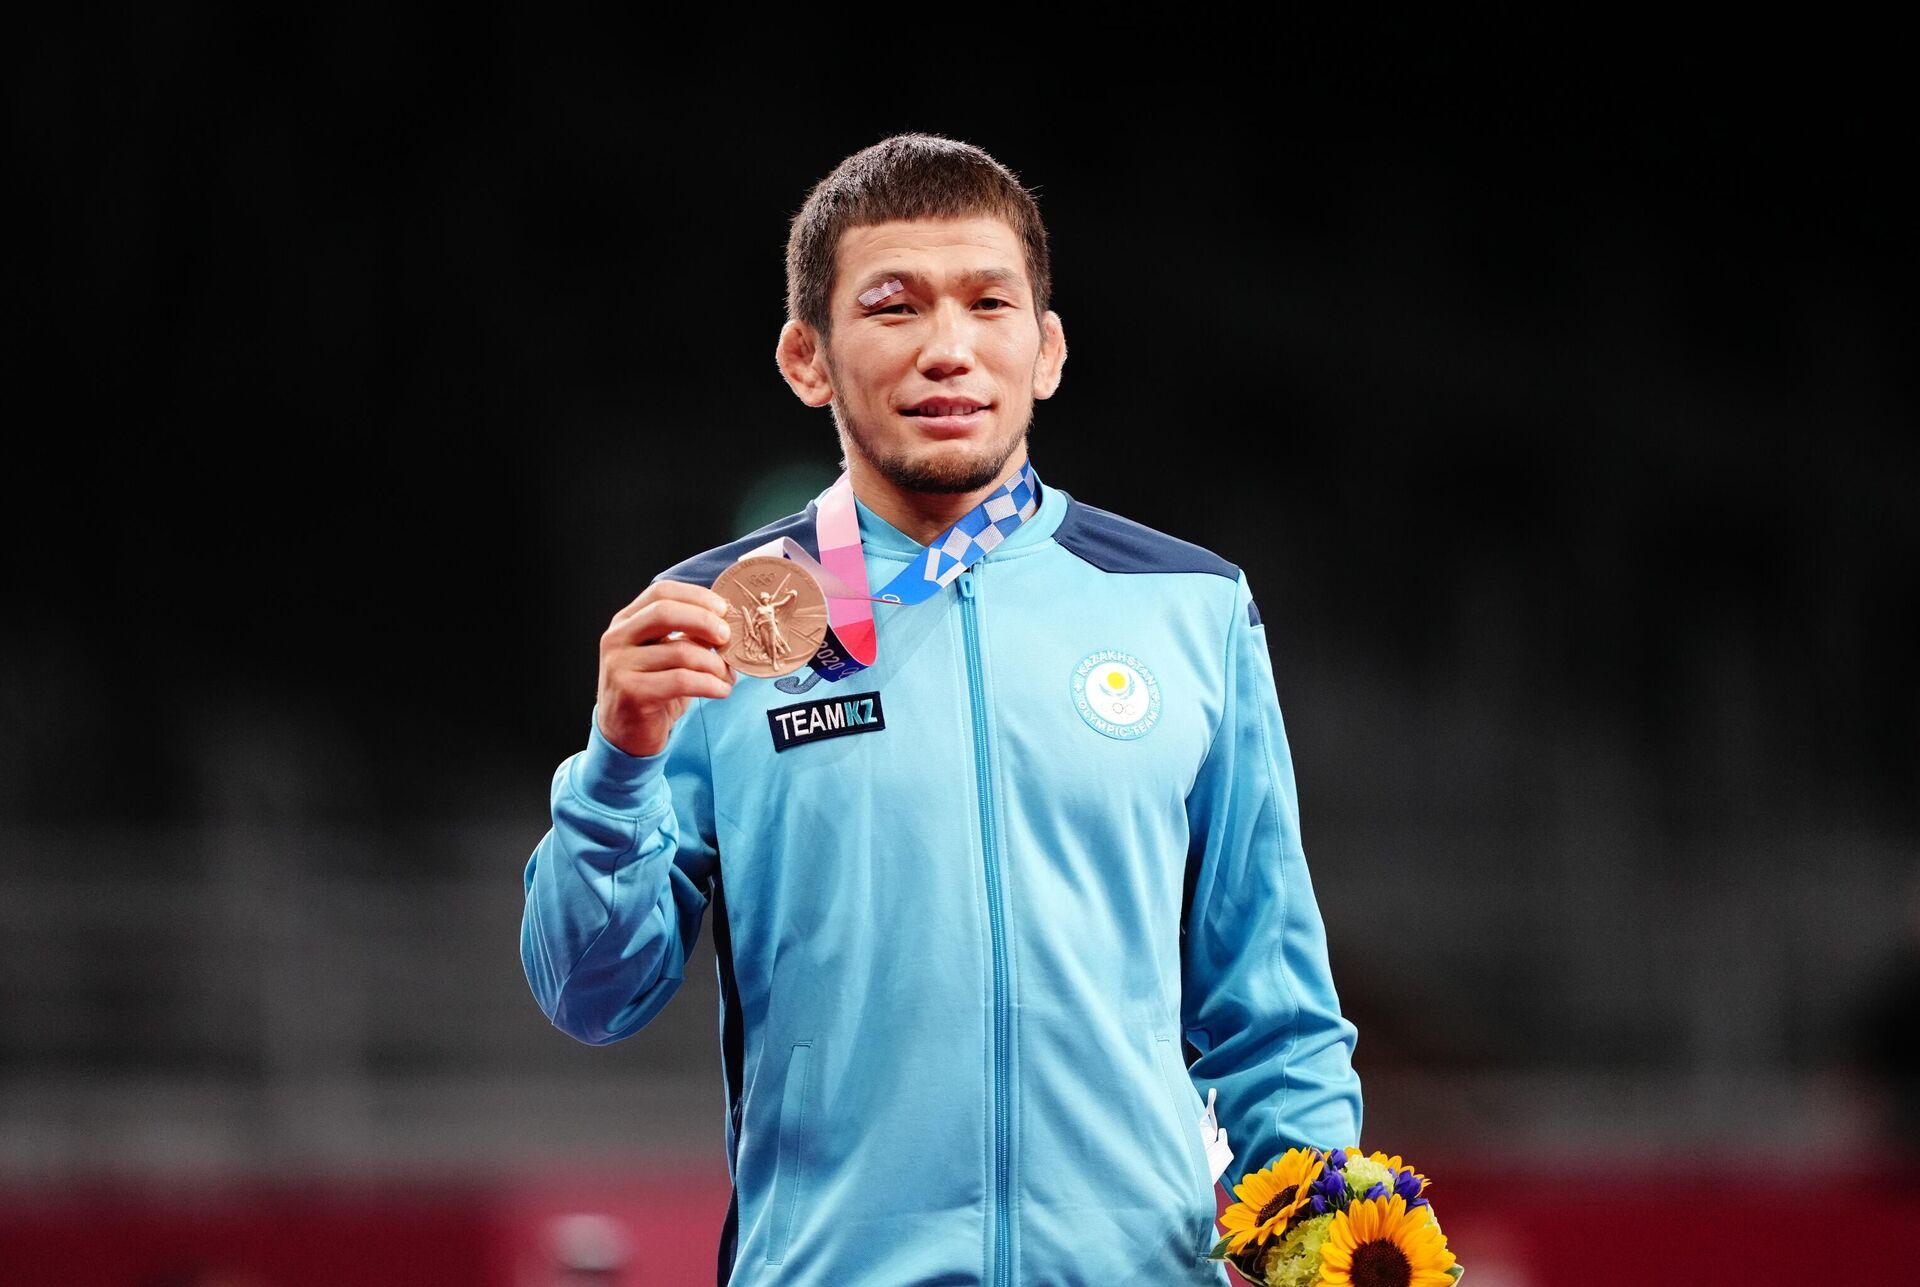 Нурислам Санаев (Казахстан), завоевавший бронзовую медаль в соревнованиях по вольной борьбе среди мужчин - Sputnik Таджикистан, 1920, 09.08.2021